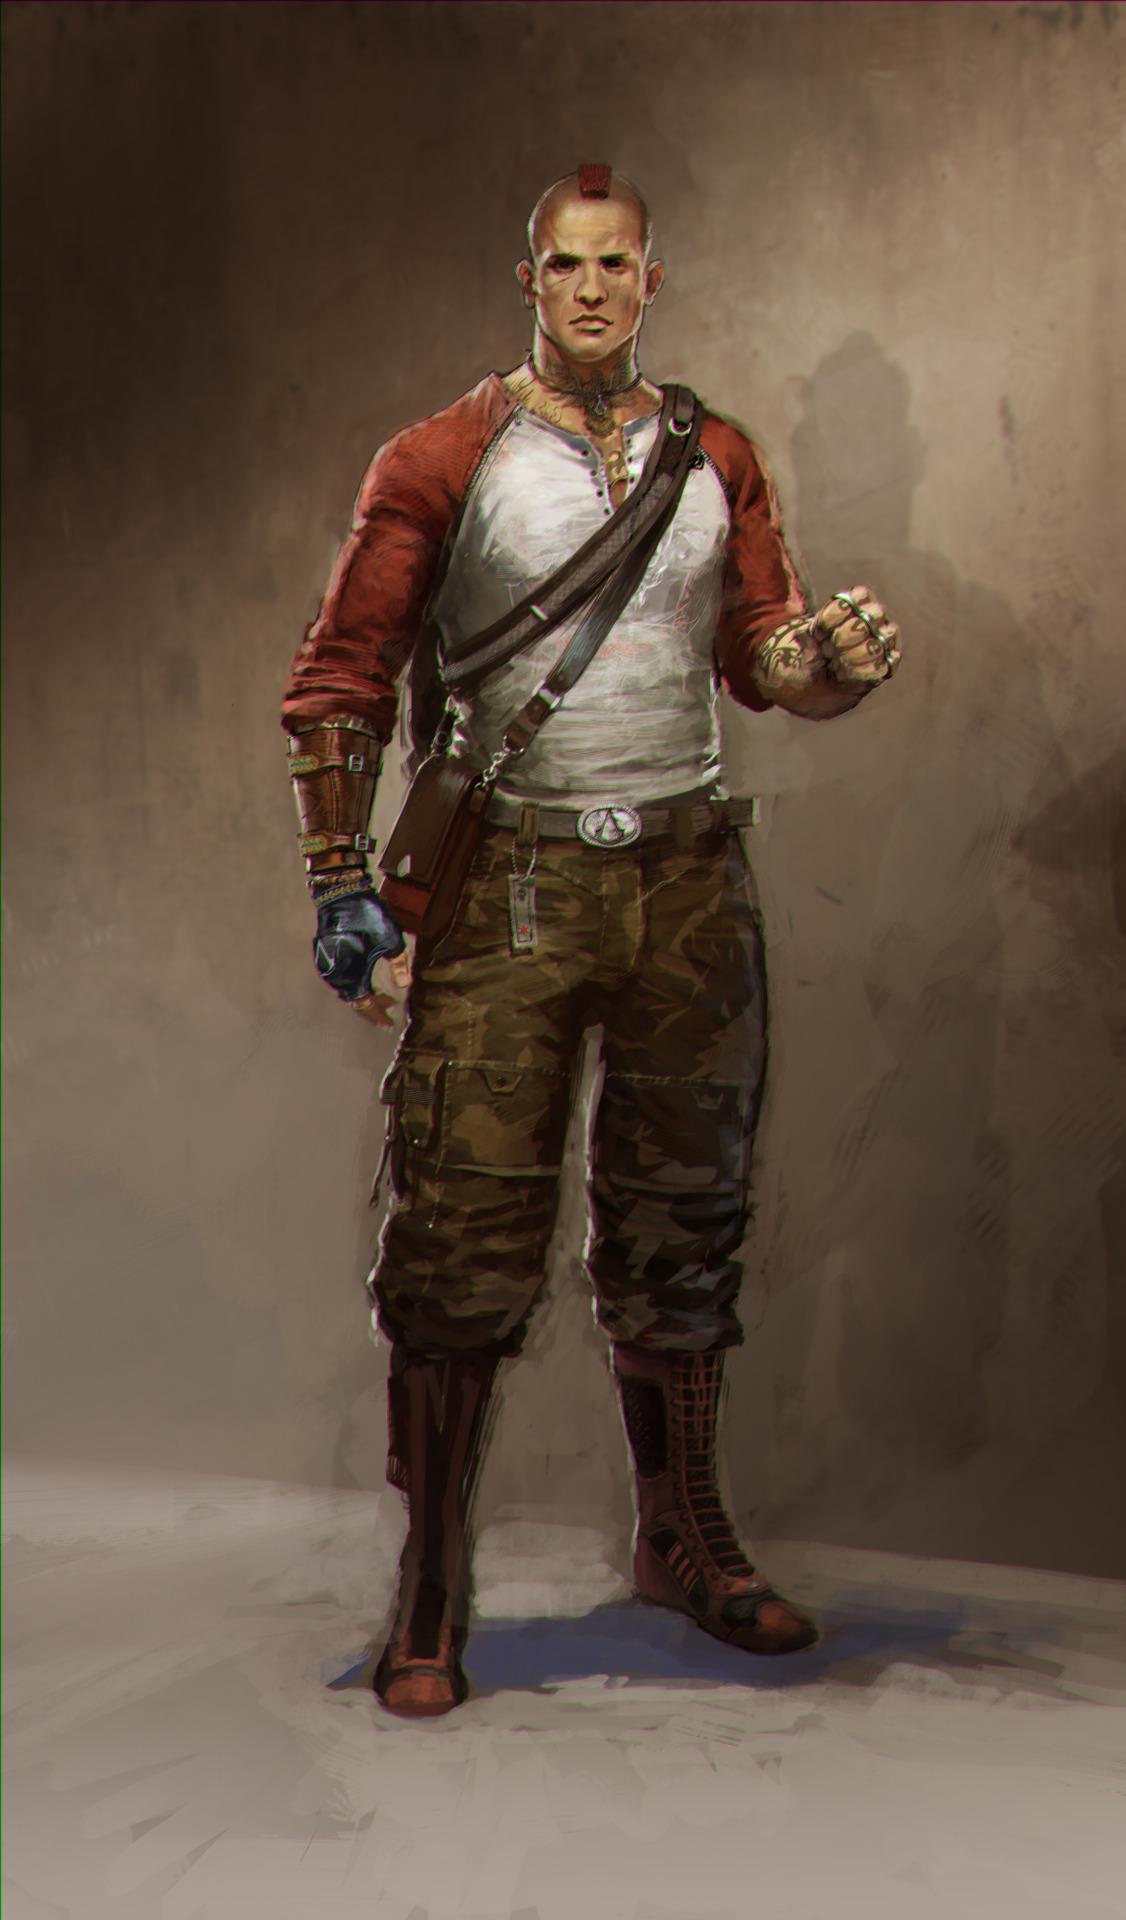 arend schut cunningham assassins creed wiki fandom